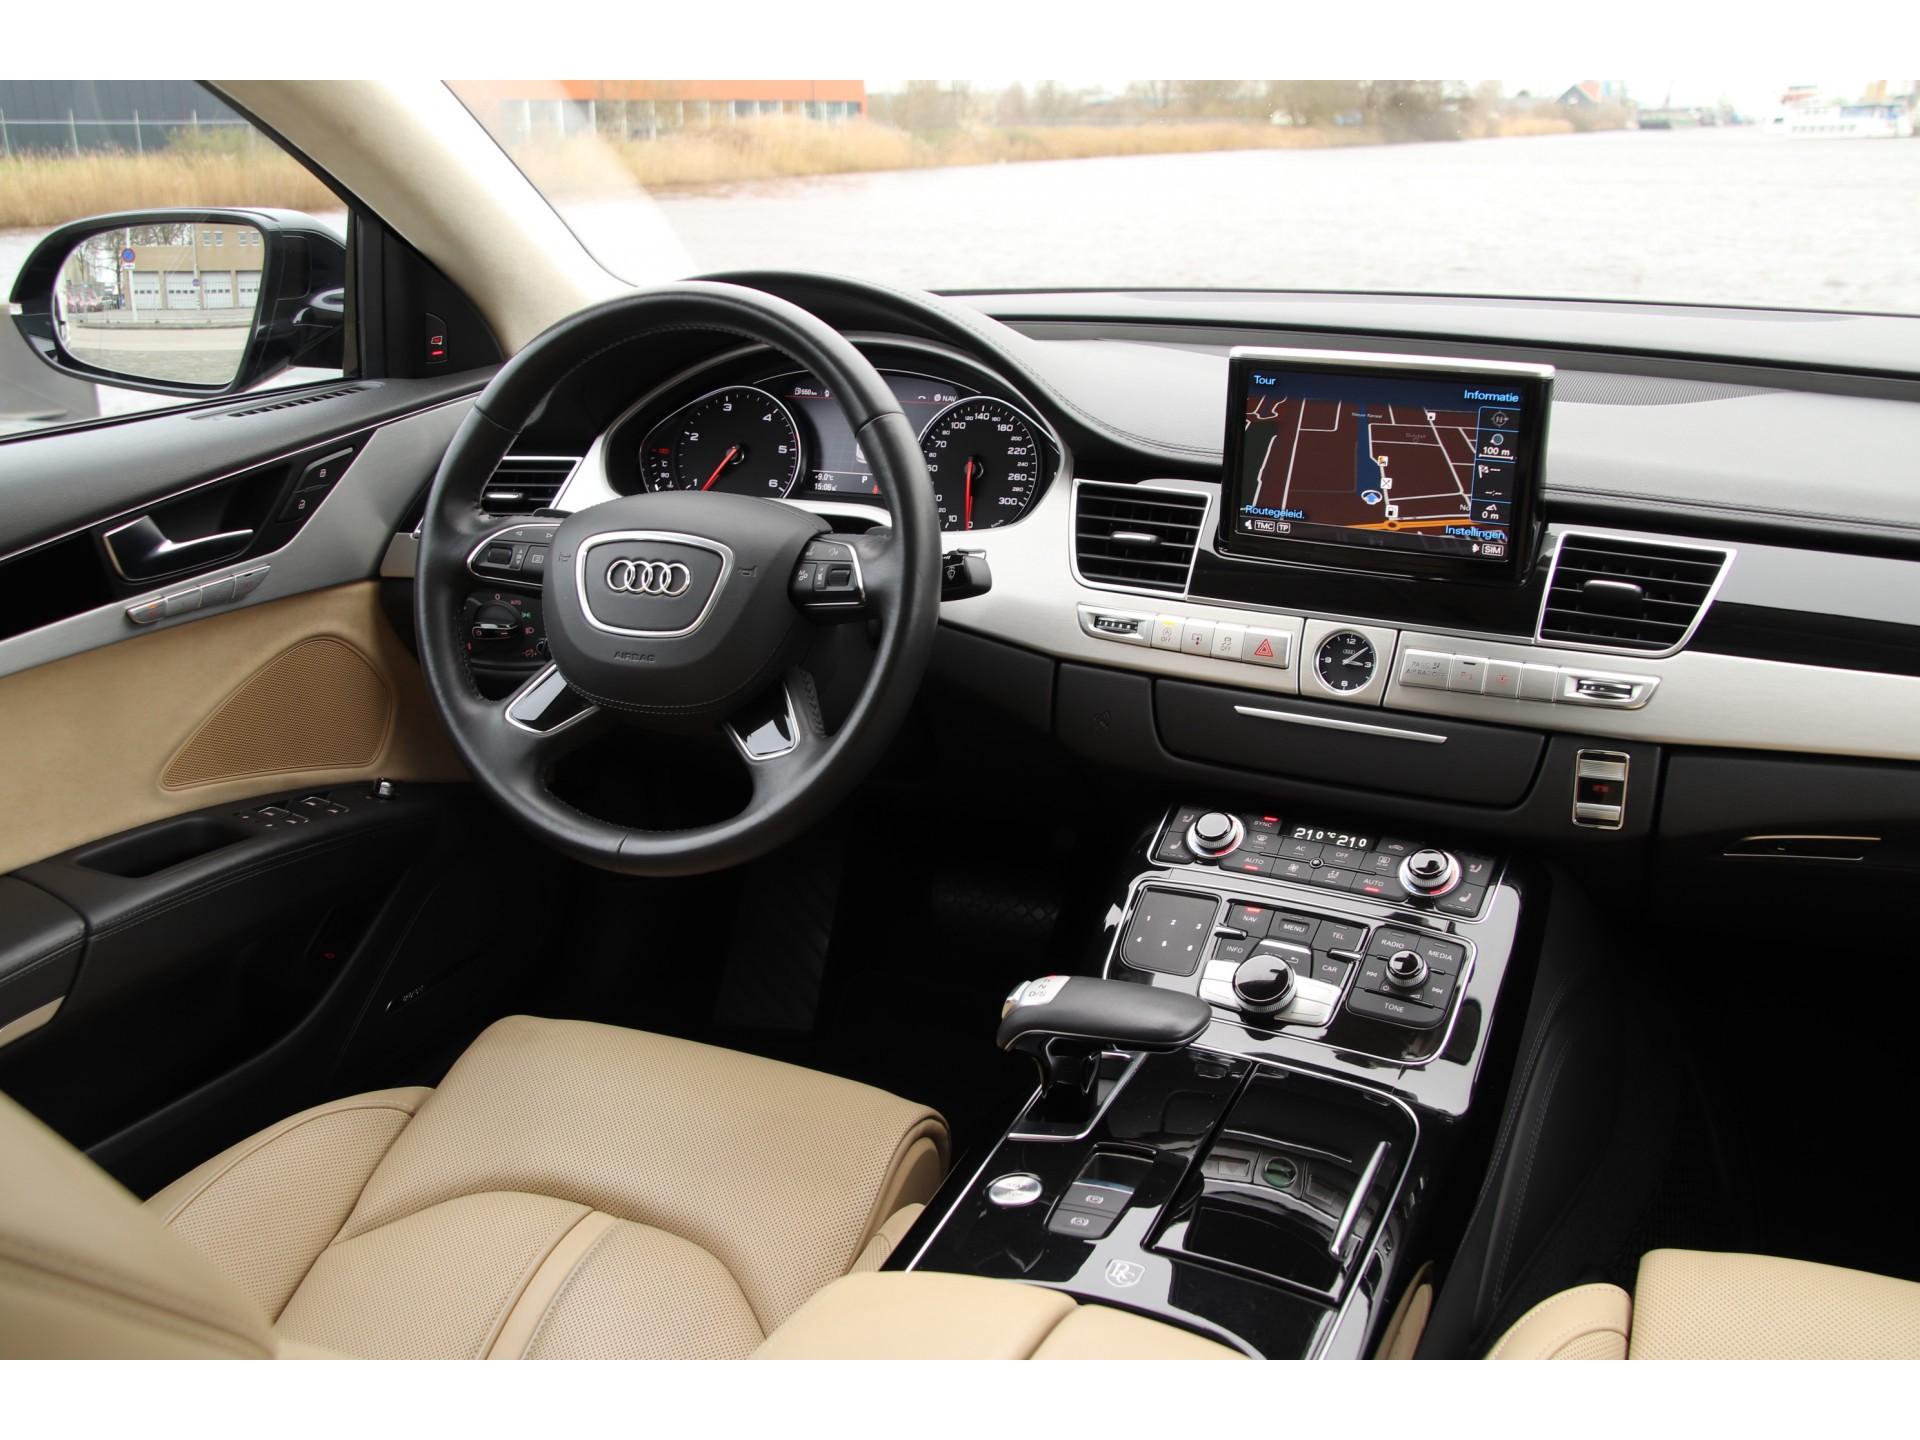 Najdlhšie a najluxusnejšie Audi A8, na svete sú len 2 kusy!